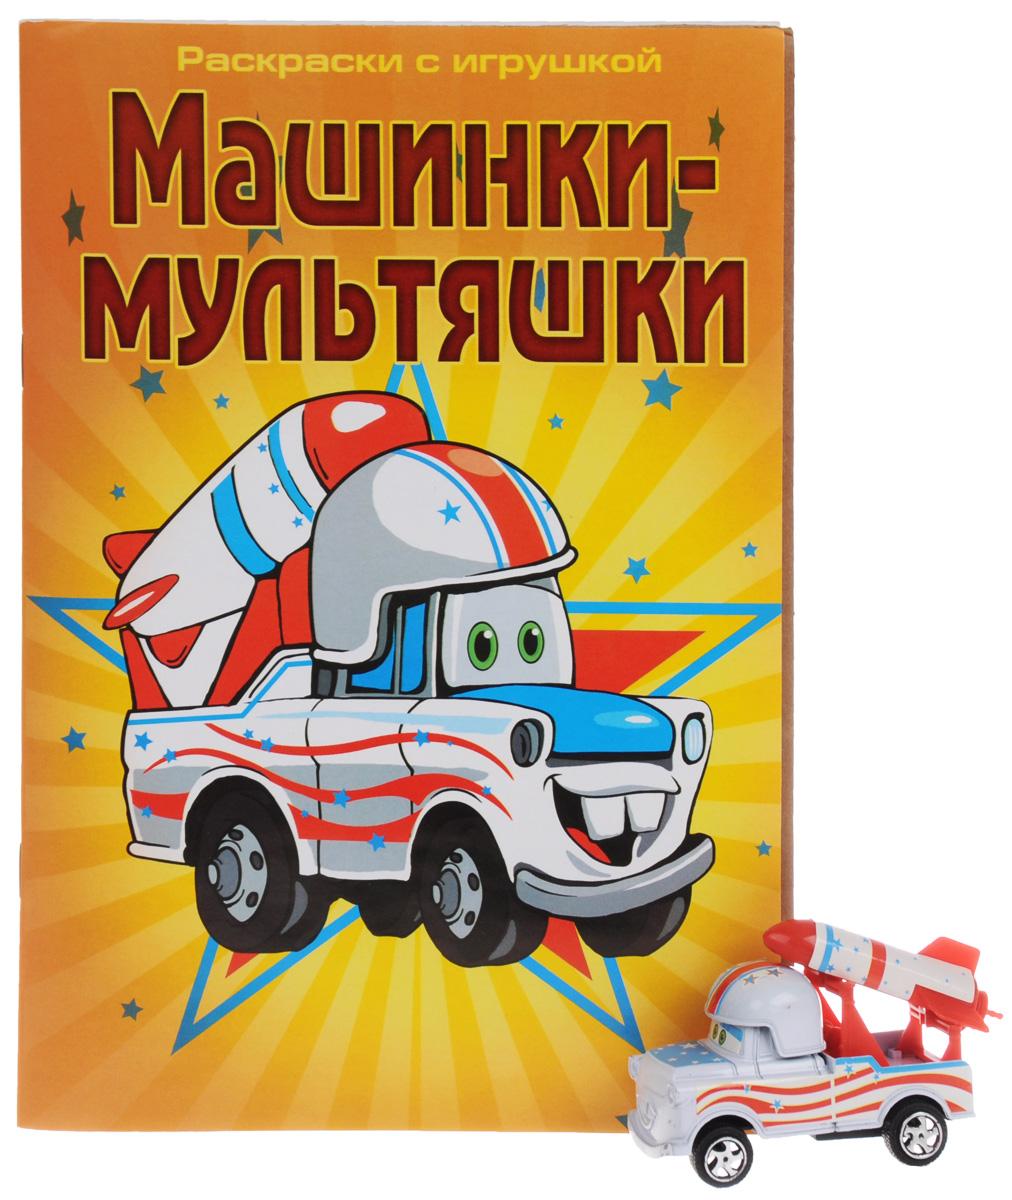 Машинки-мультяшки. Раскраска (+ игрушка) ( 978-5-905777-30-1 )